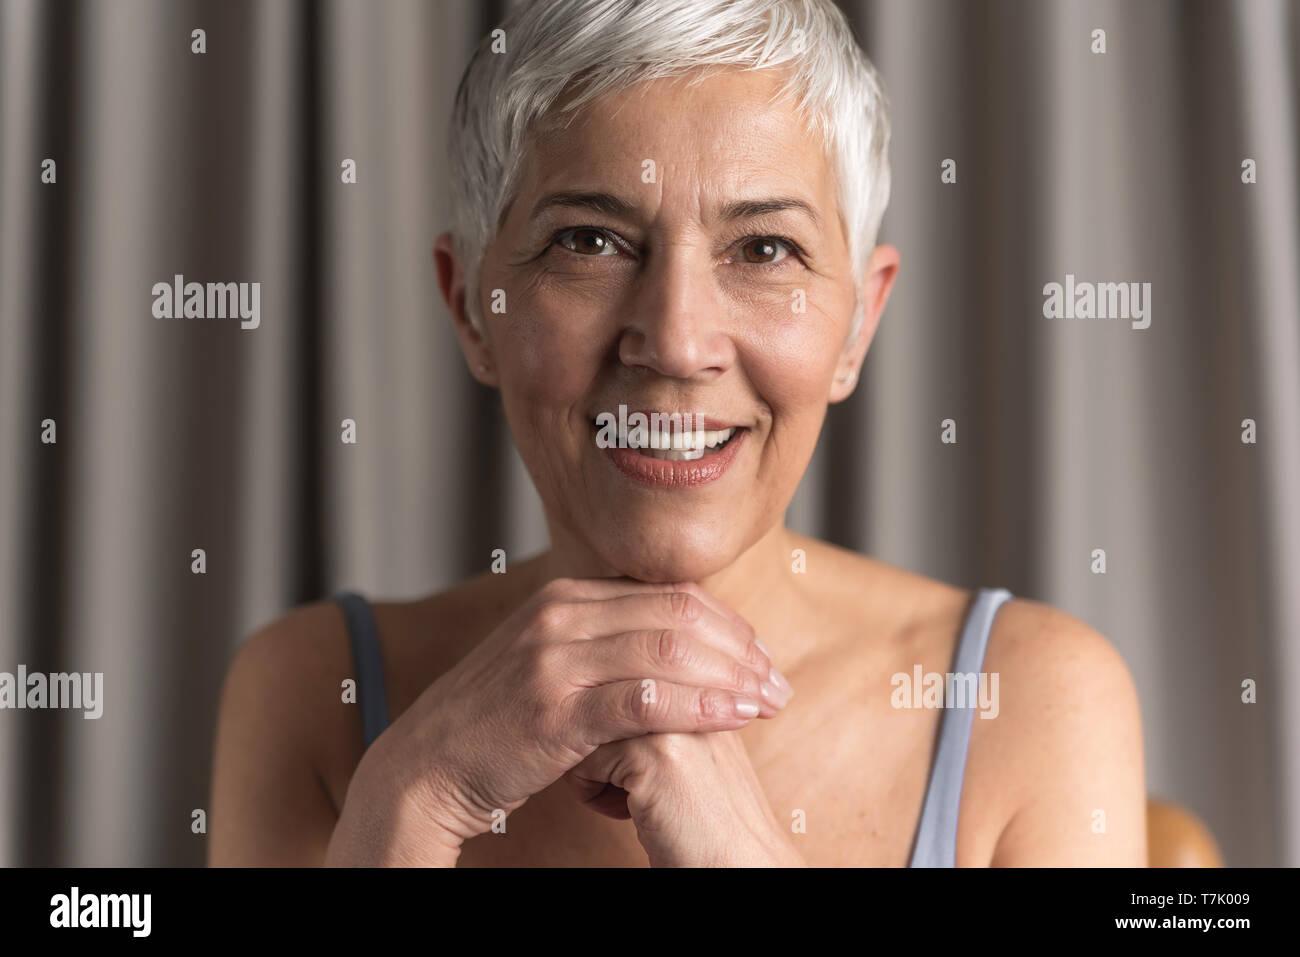 Hermosa naturales altos mujer con cabello gris corto mirando a la cámara, el concepto de belleza natural Imagen De Stock